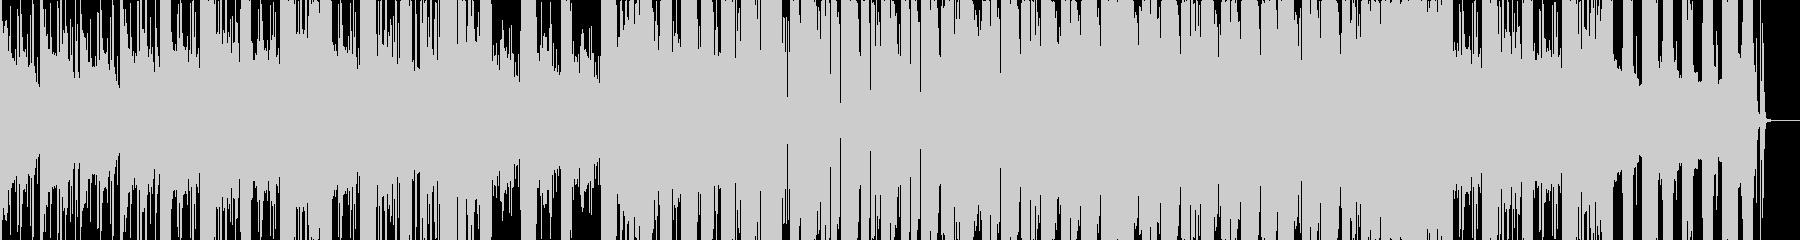 暗めなトラップの未再生の波形